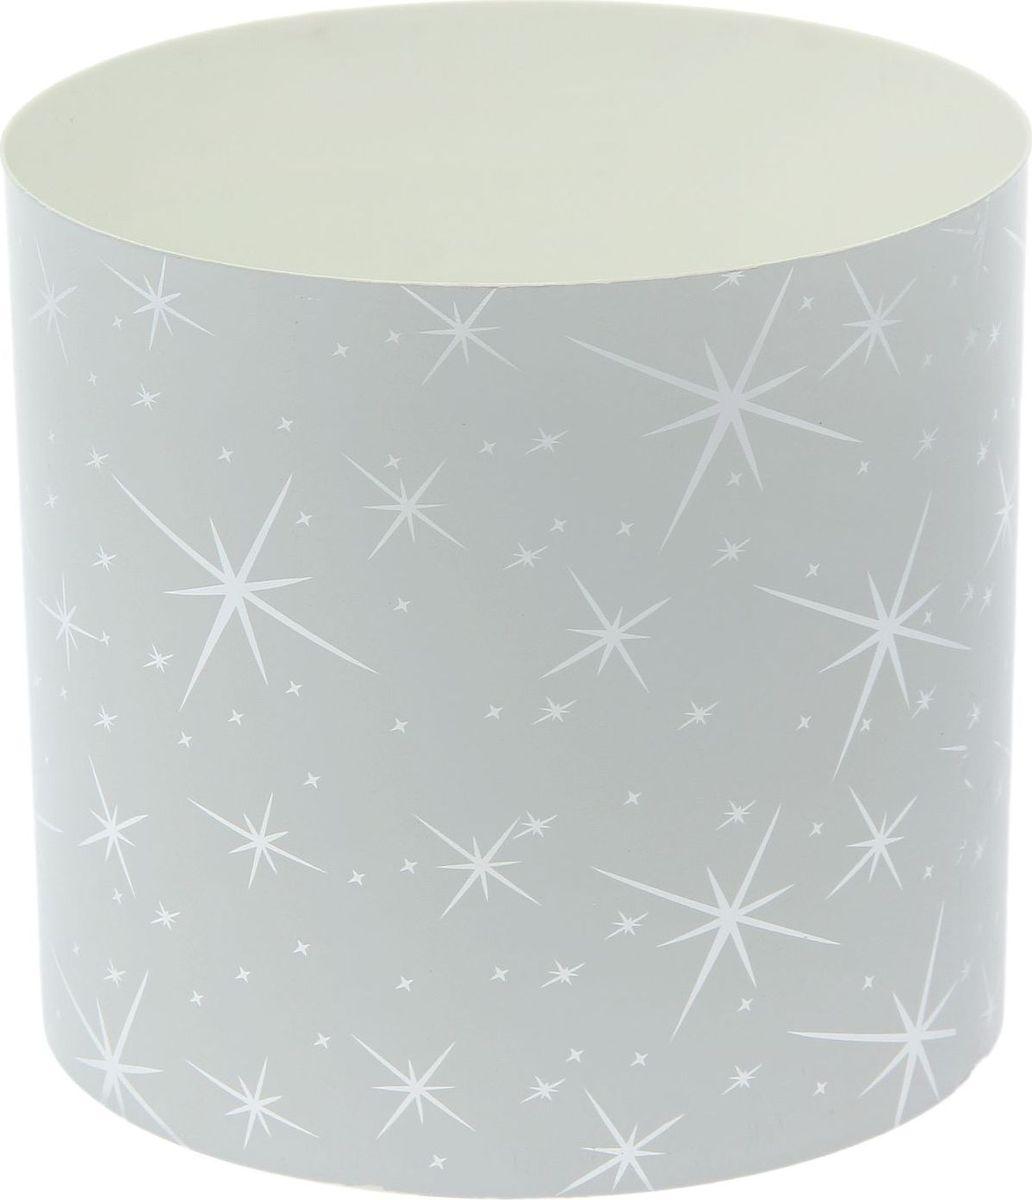 Горшок для цветов Simple Garden Звезды, со скрытым поддоном, цвет: белый металлик, 5,1 л моторное масло motul garden 4t 10w 30 2 л